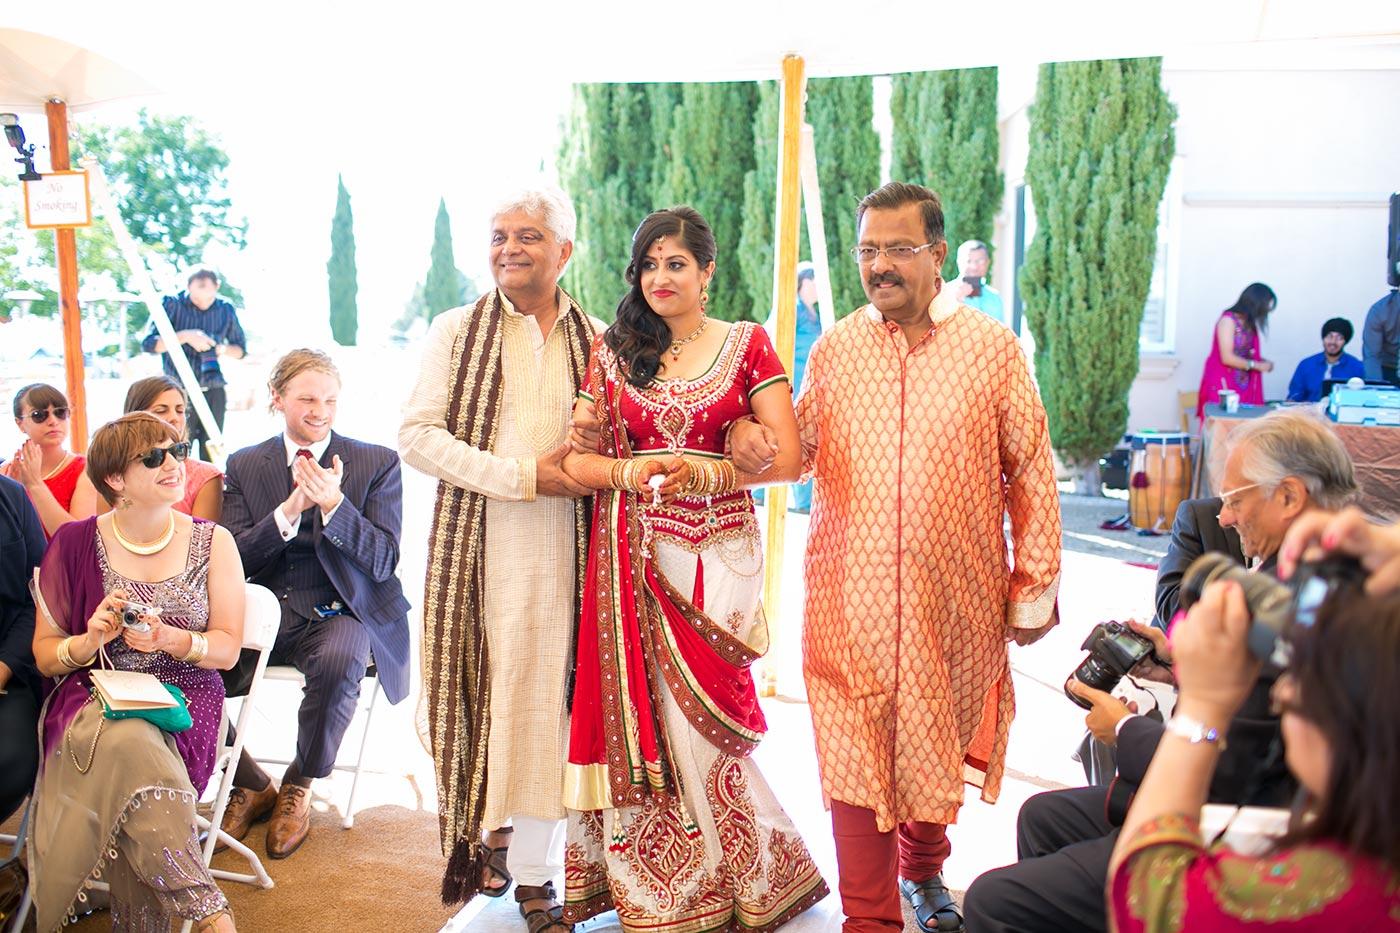 san-jose-indian-wedding-photos-54